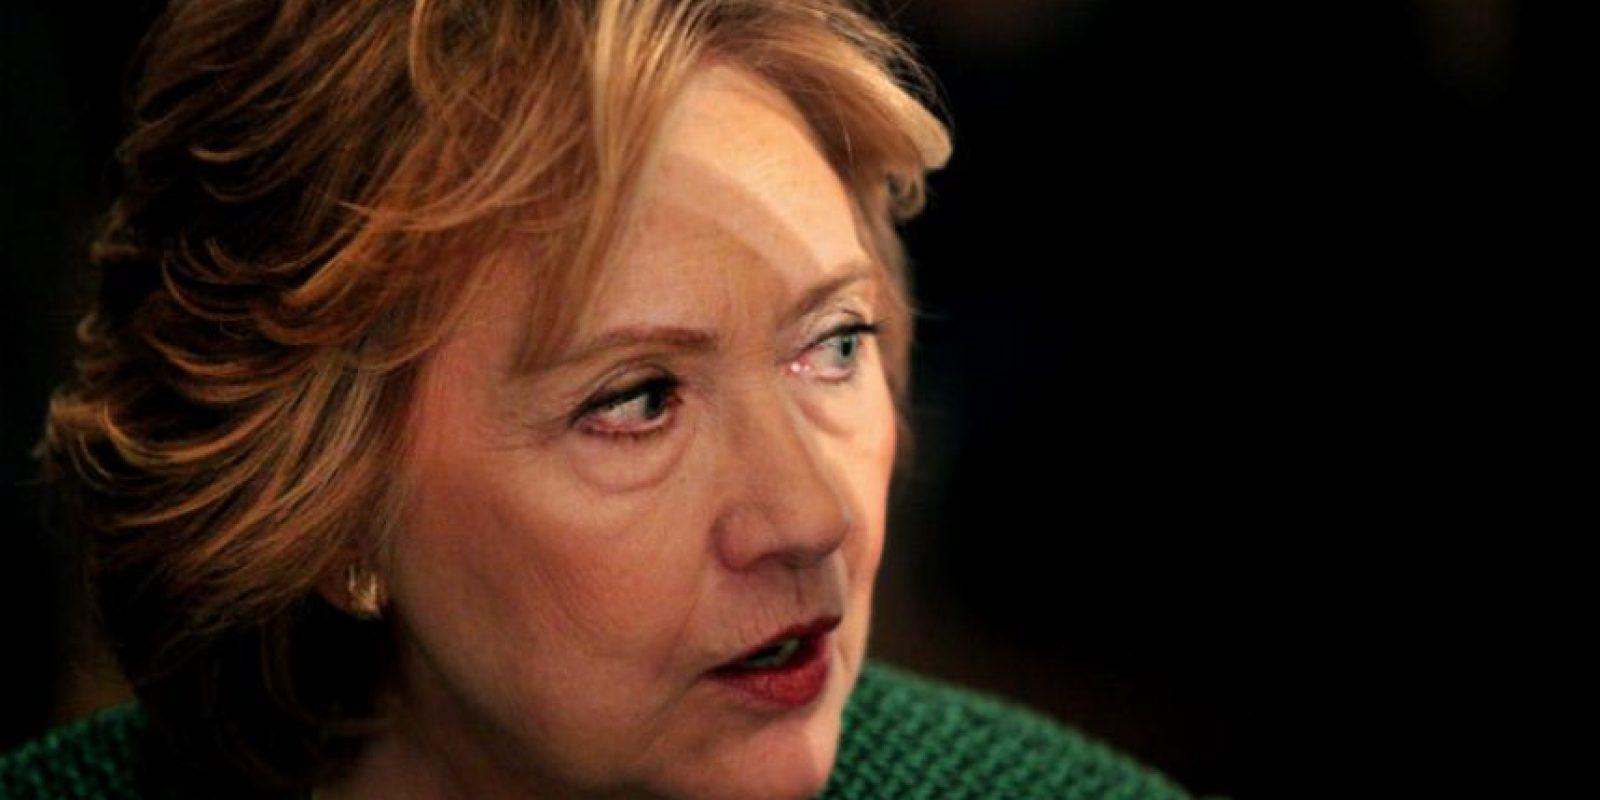 Hillary Clinton calificó de inadmisibles los comentarios que el multimillonario hizo de los mexicanos. Foto:Getty Images